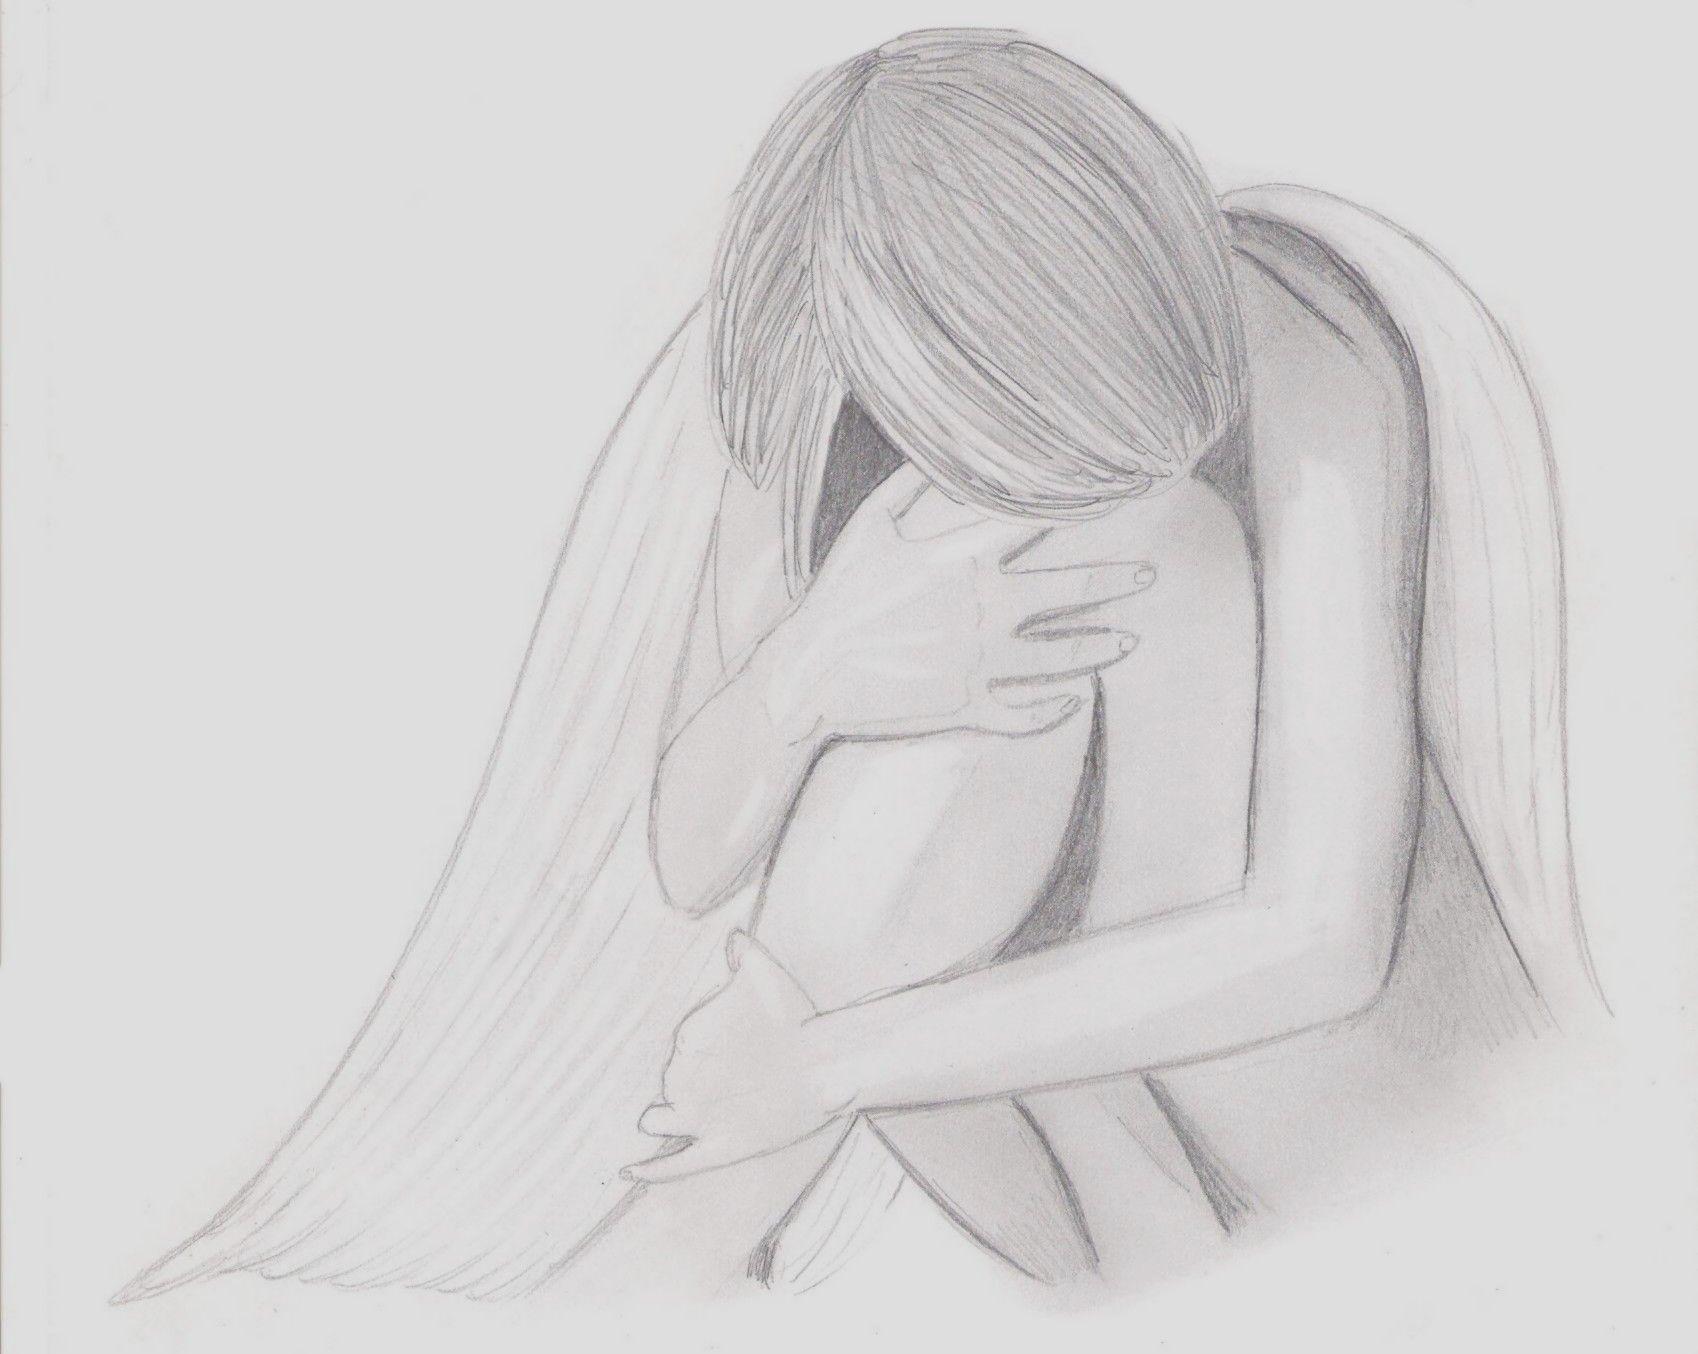 Dessin ange triste draw drawings et printables - Dessin triste ...